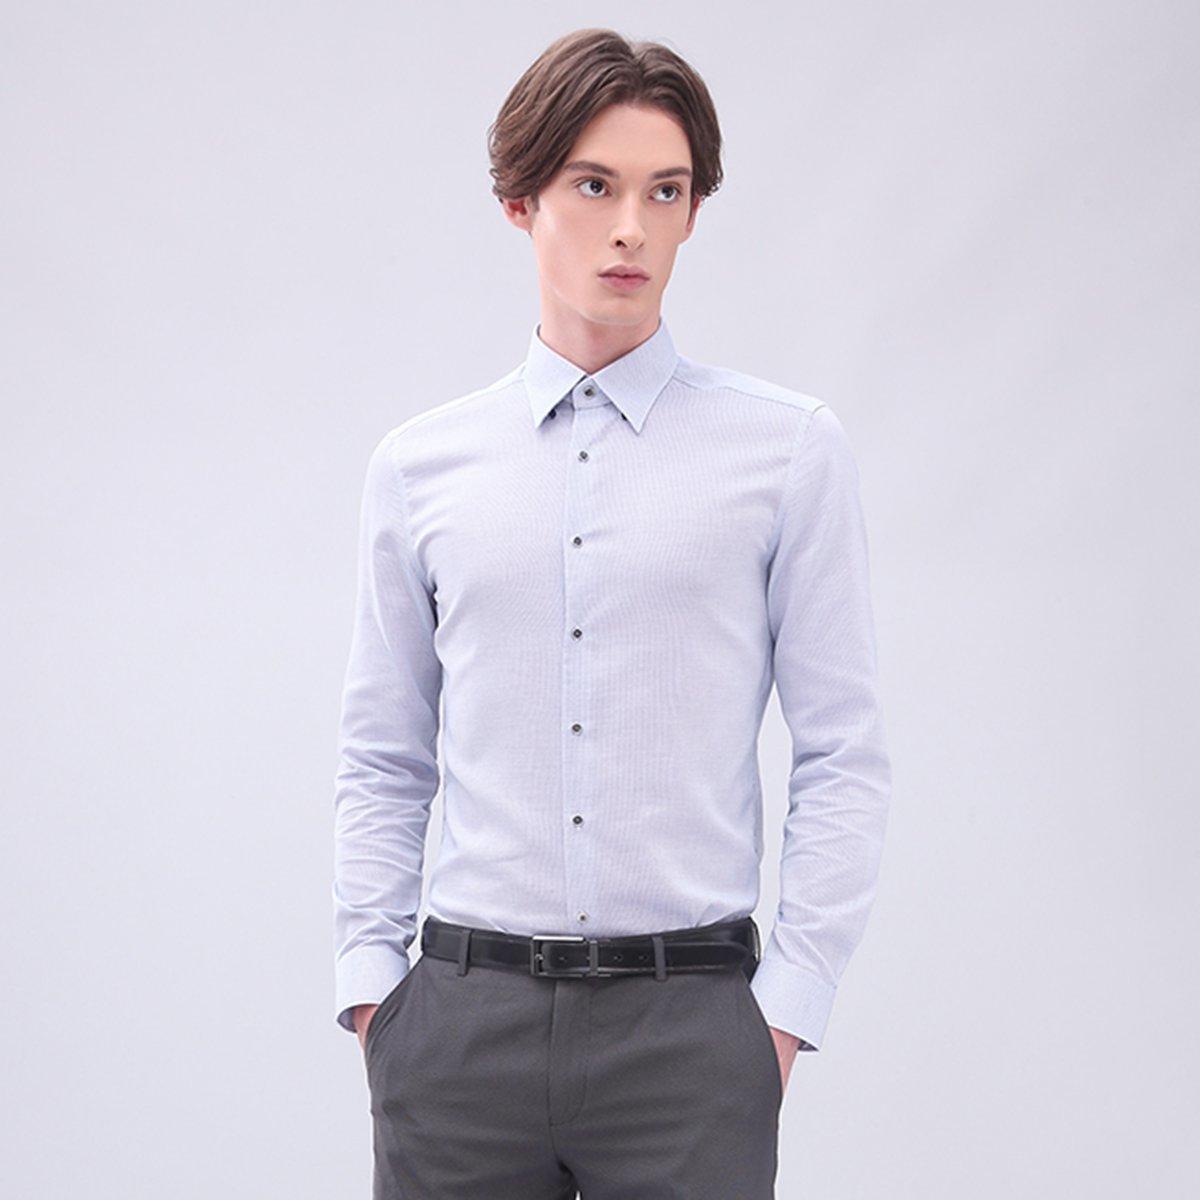 男士 全棉鈕扣領細密網紋恤衫 (灰藍色)